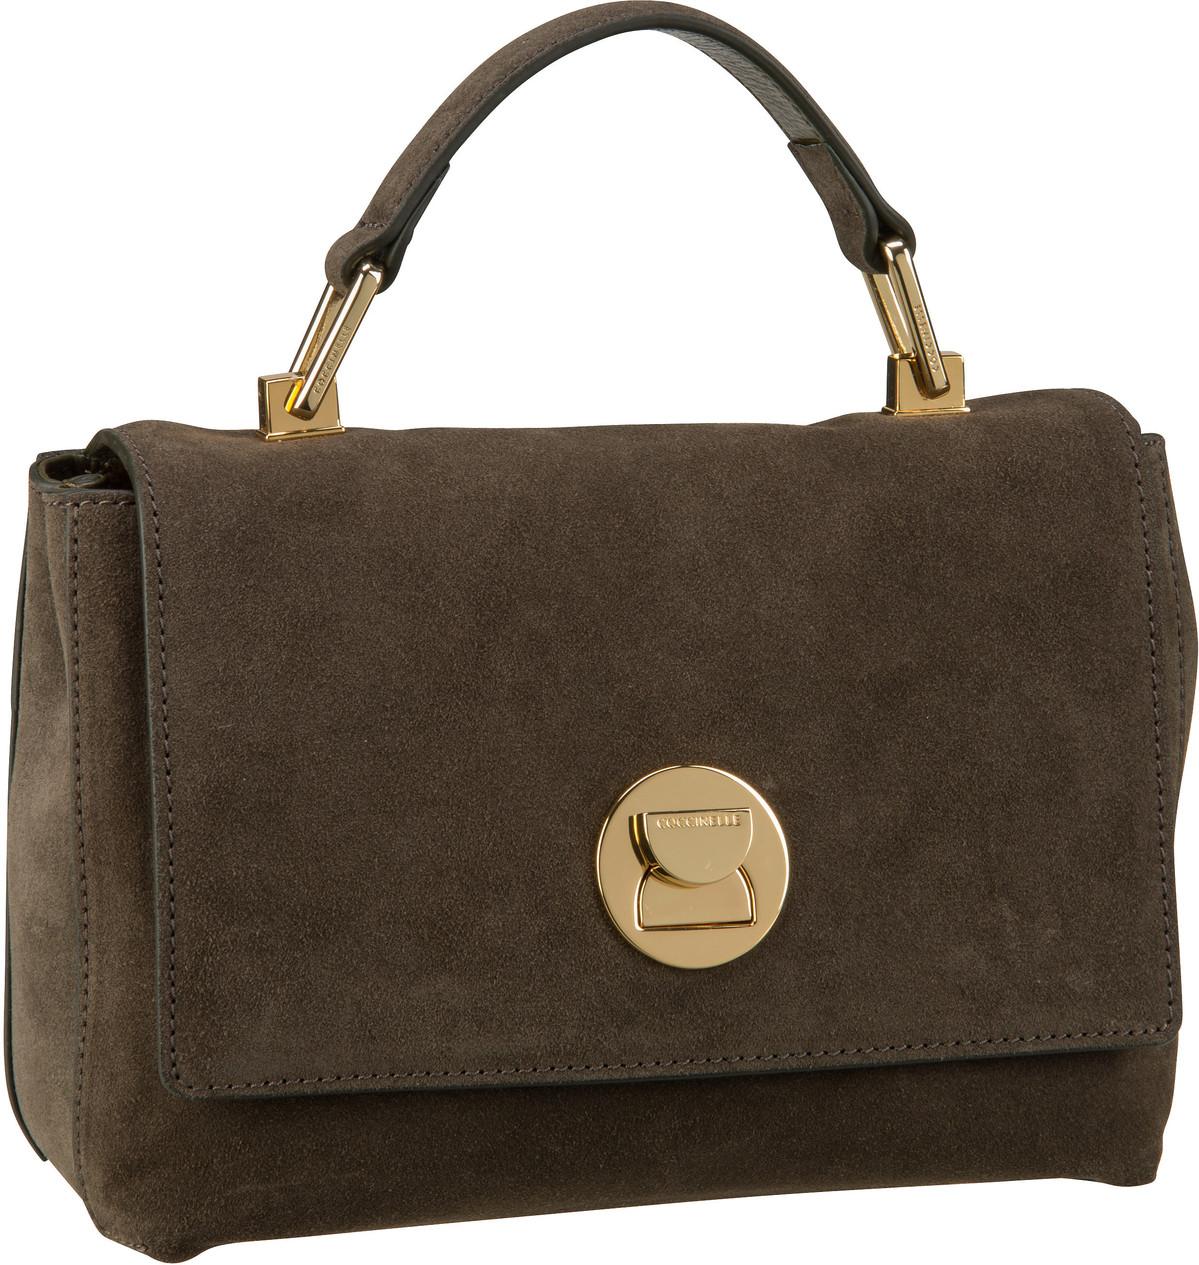 Handtasche Liya Suede 5840 Evergreen